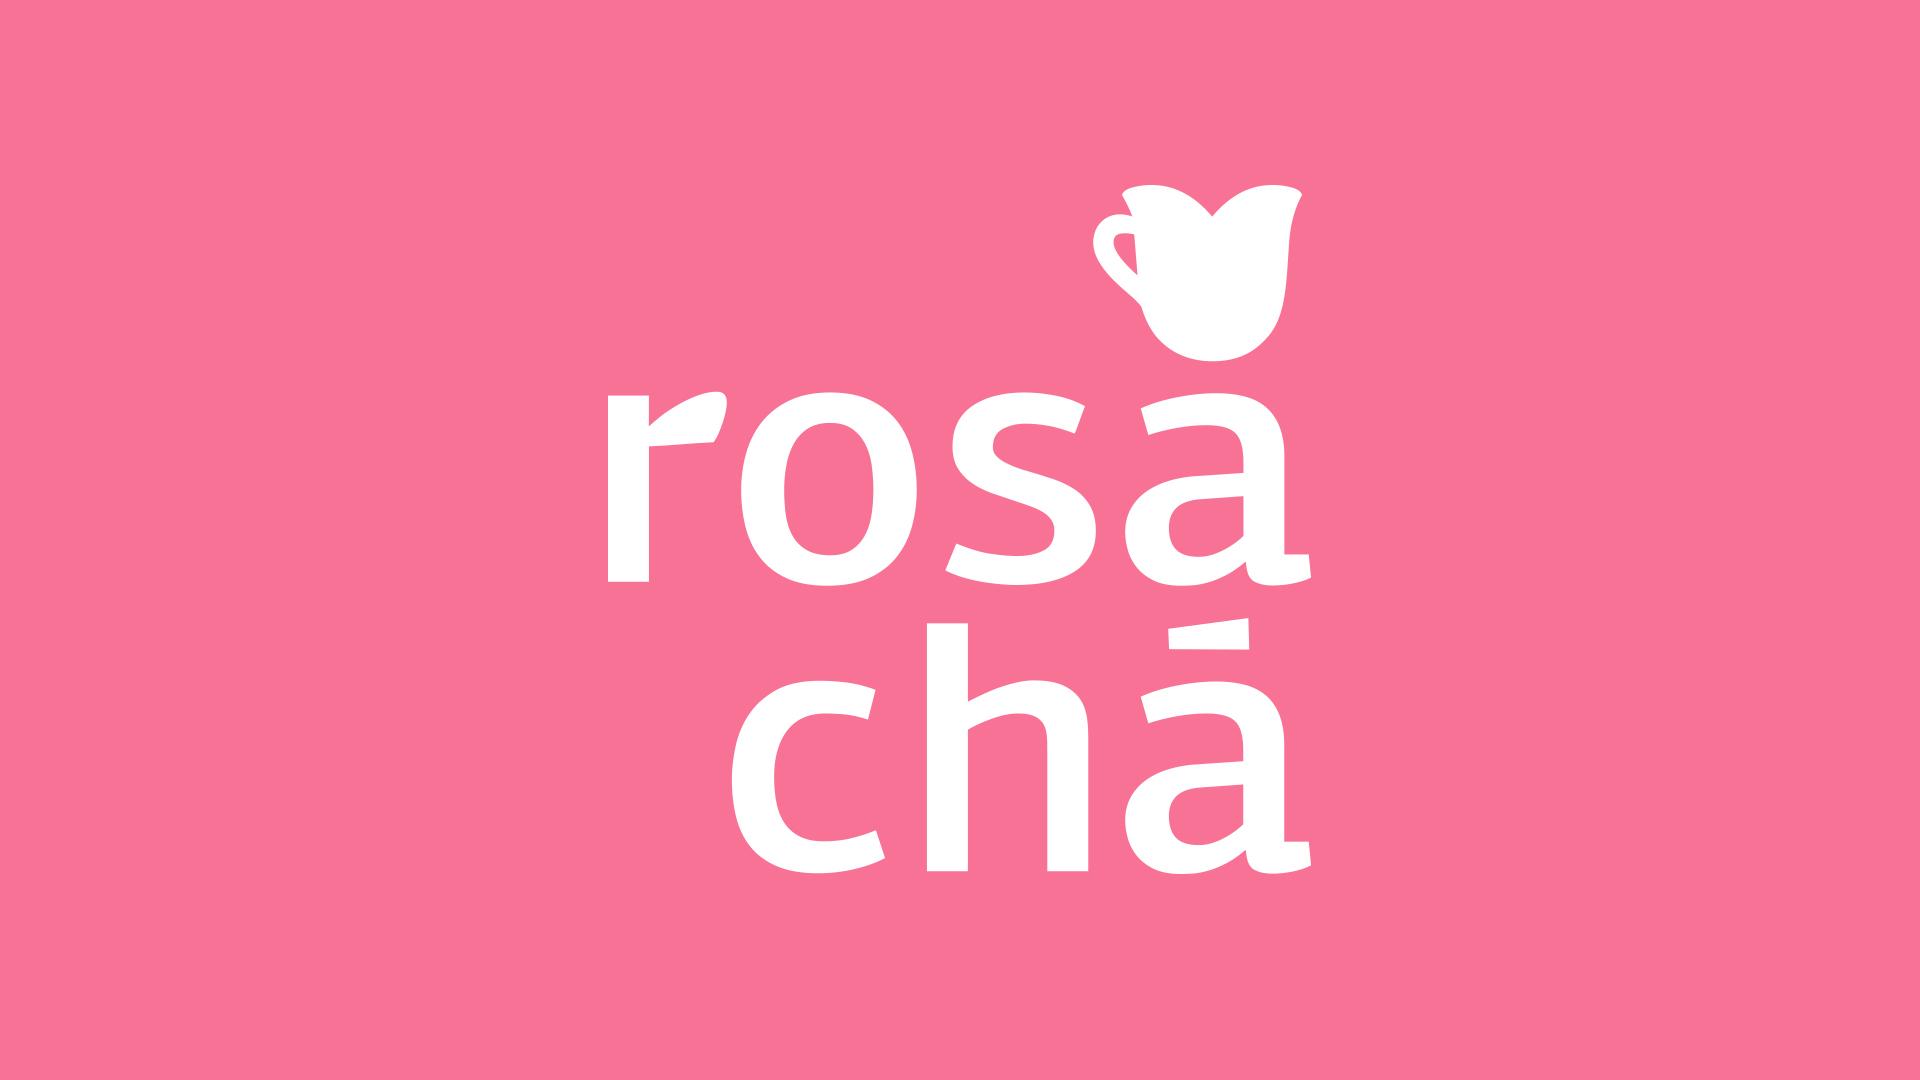 ROSA CHÁ